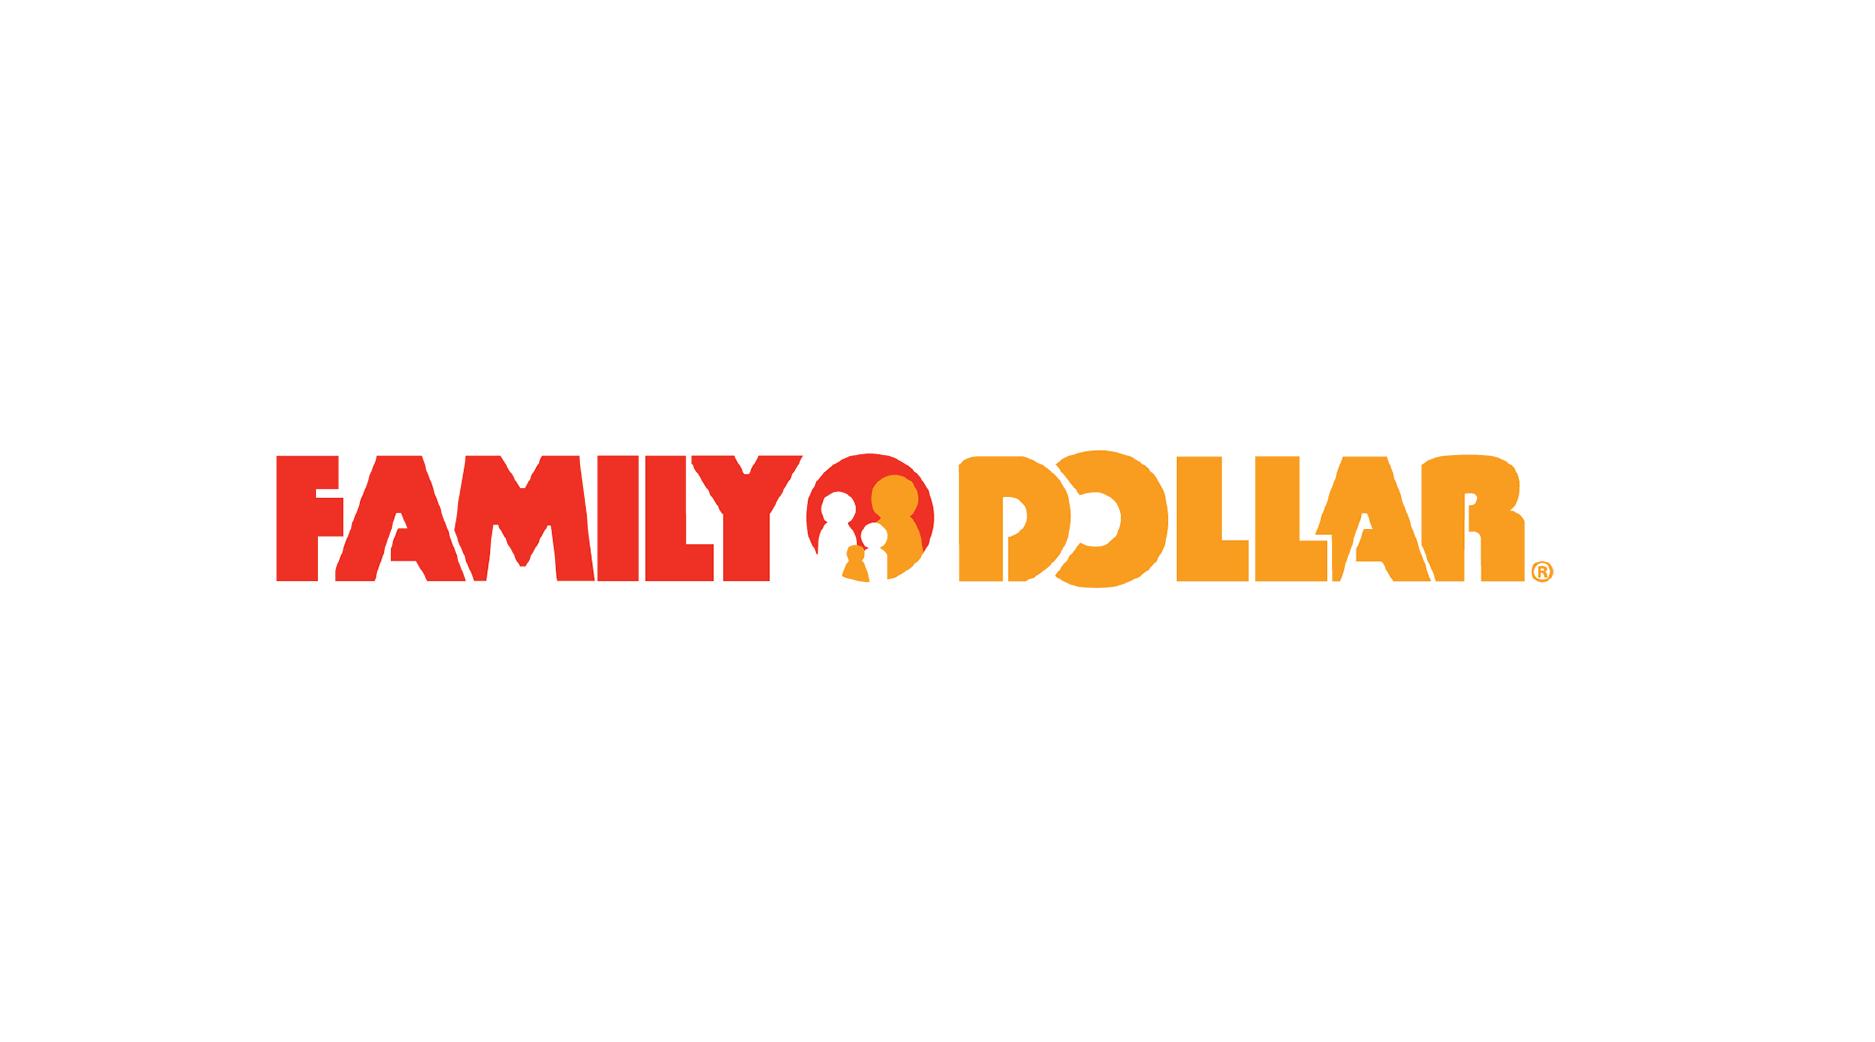 asset-logo_family-dollar.png